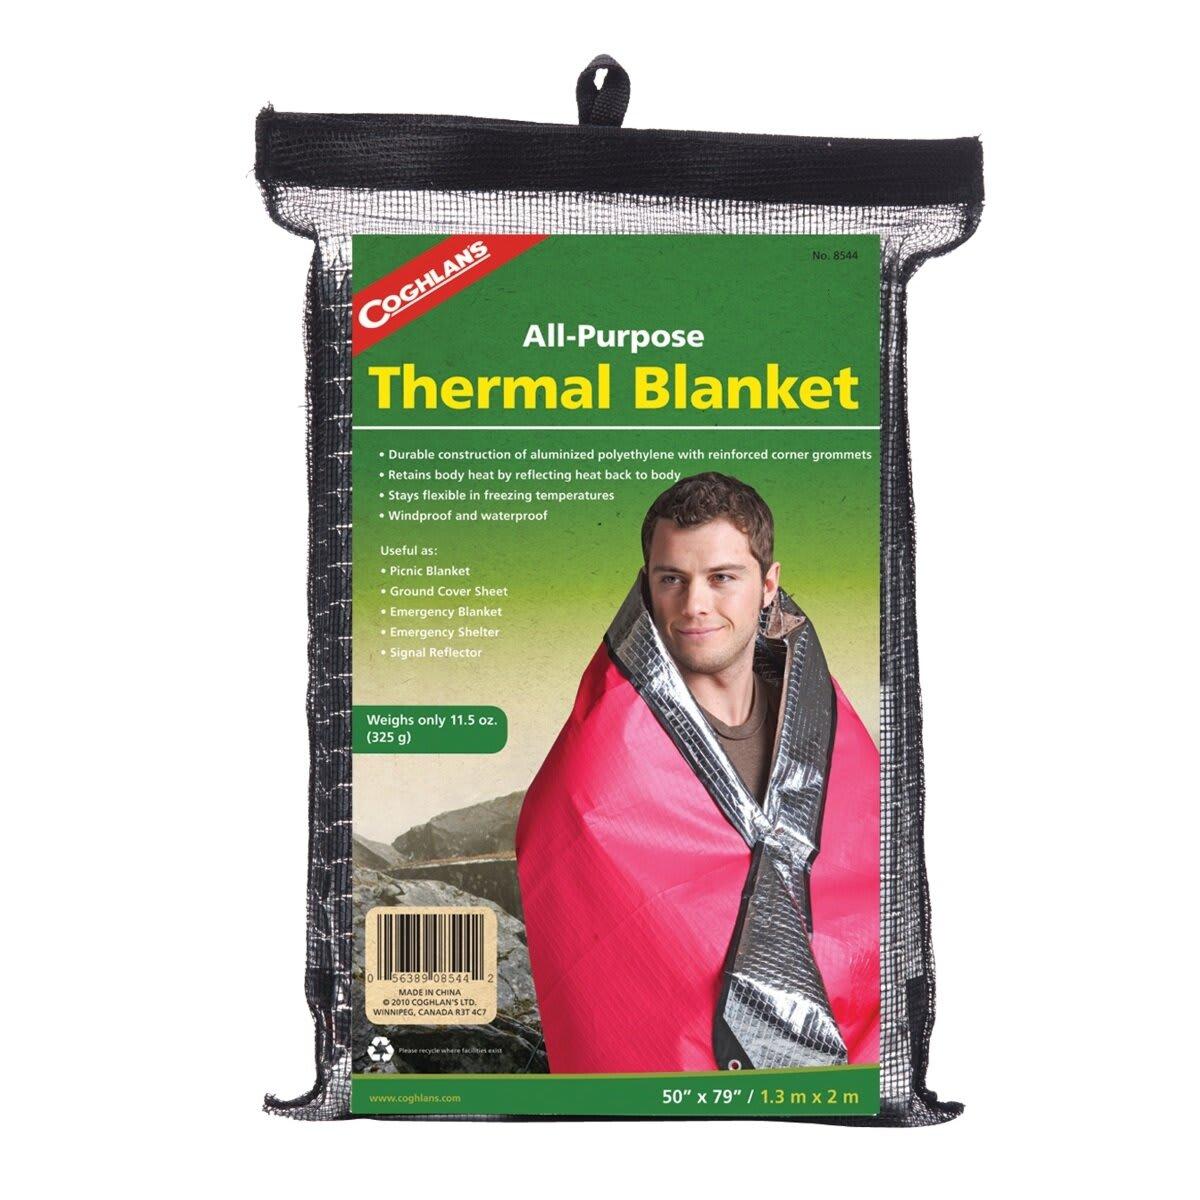 Coghlan's Emergency Blanket Thermal